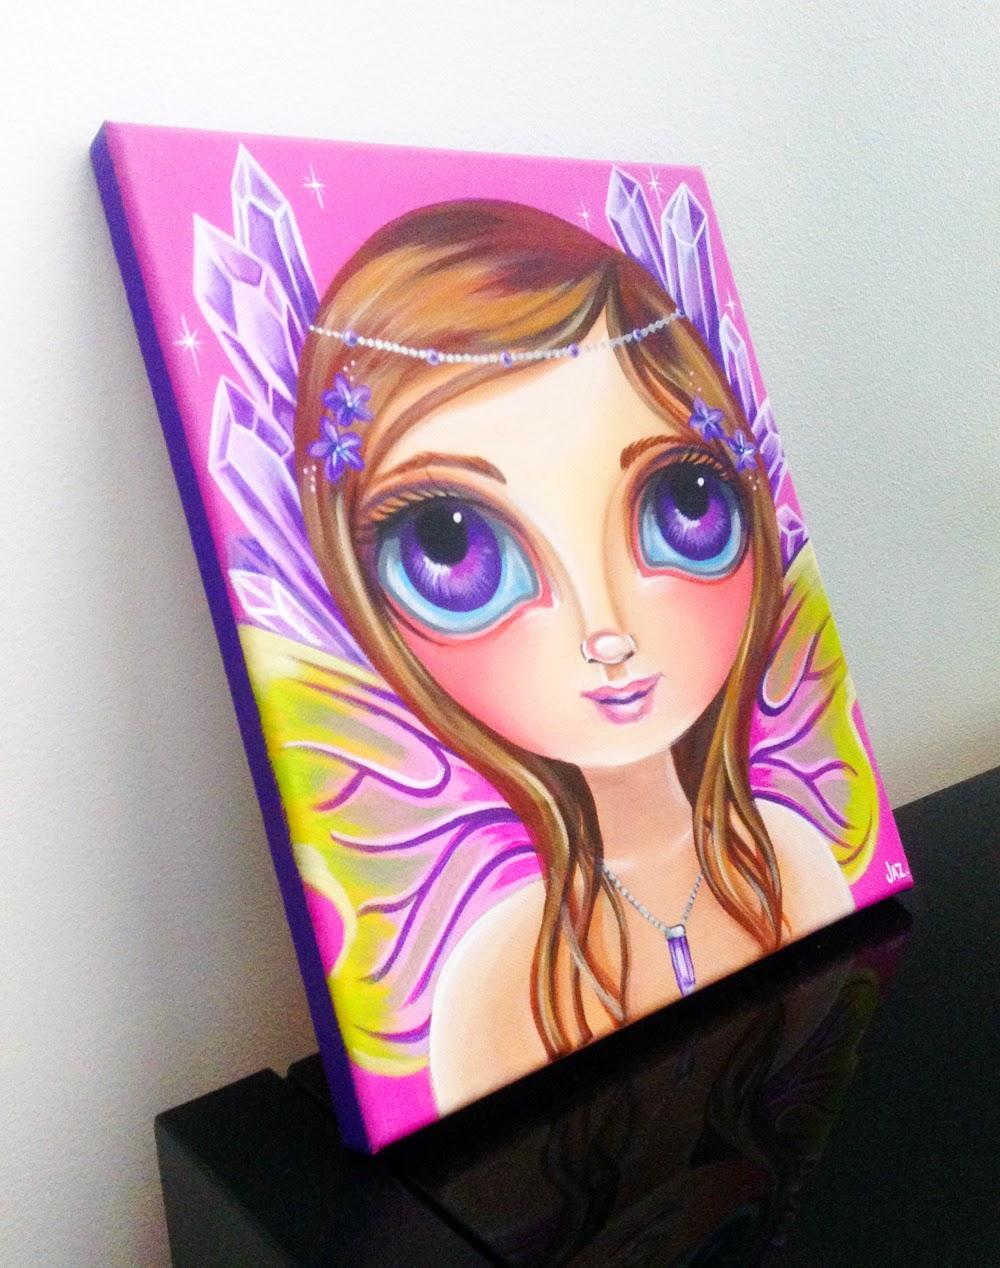 http://www.artbyjaz.com/amethyst-fairy-original-painting/